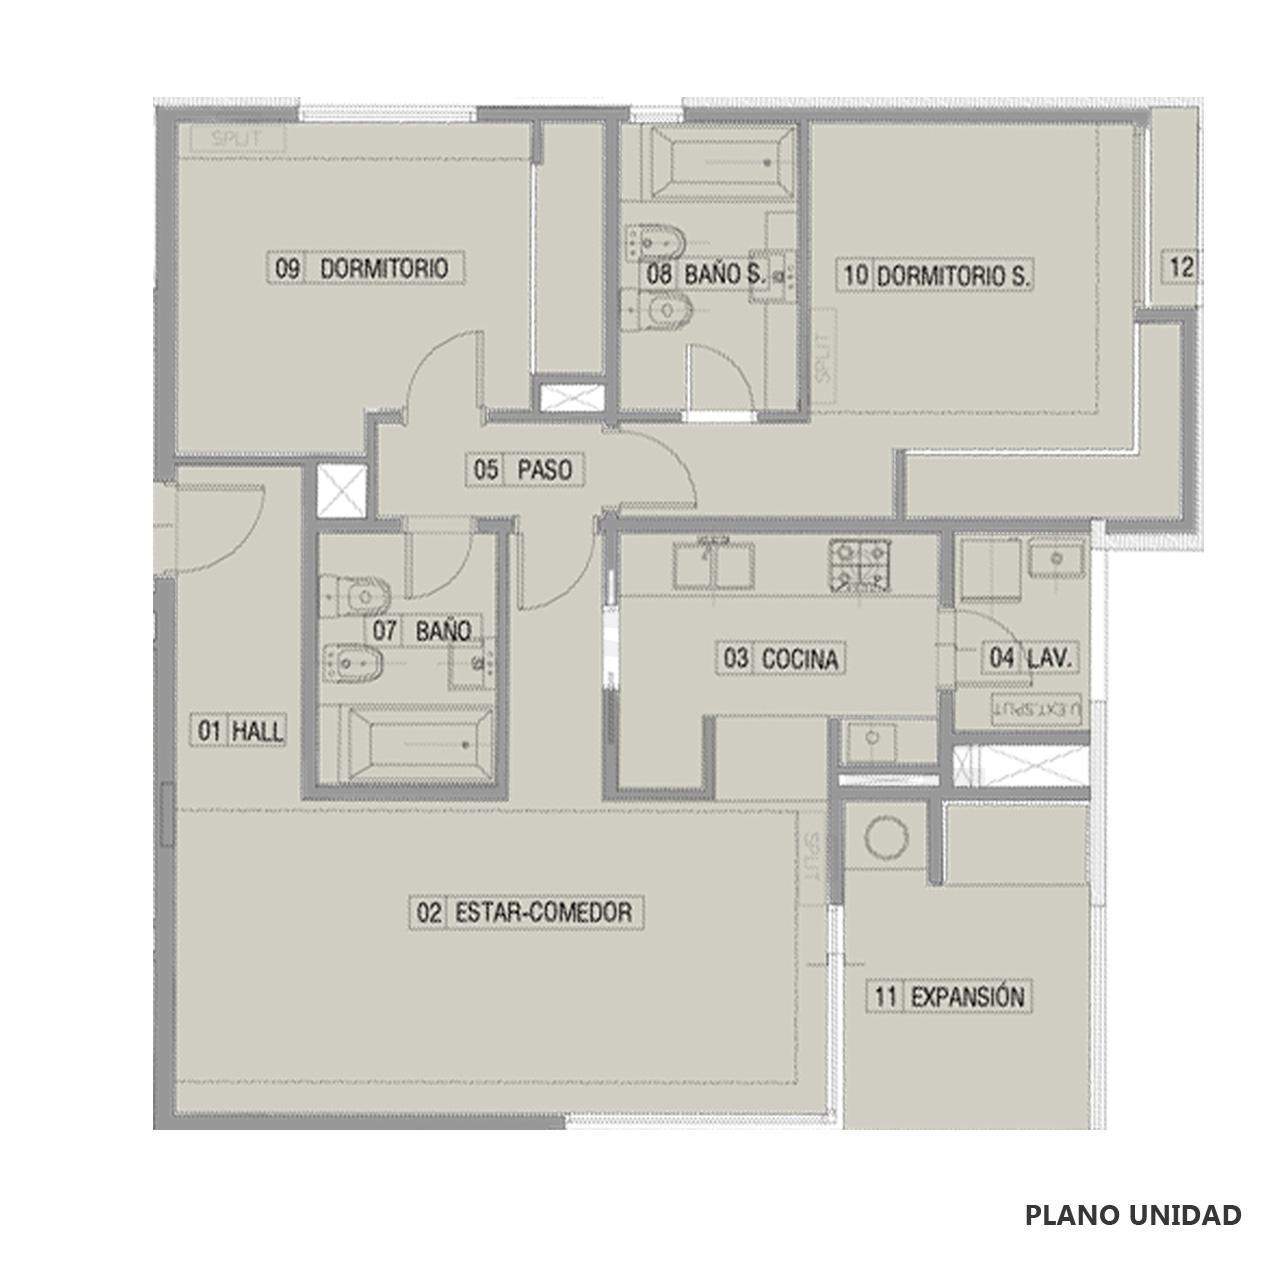 Venta departamento 2 dormitorios Funes, Funes. Cod CBU23049 AP2208577. Crestale Propiedades